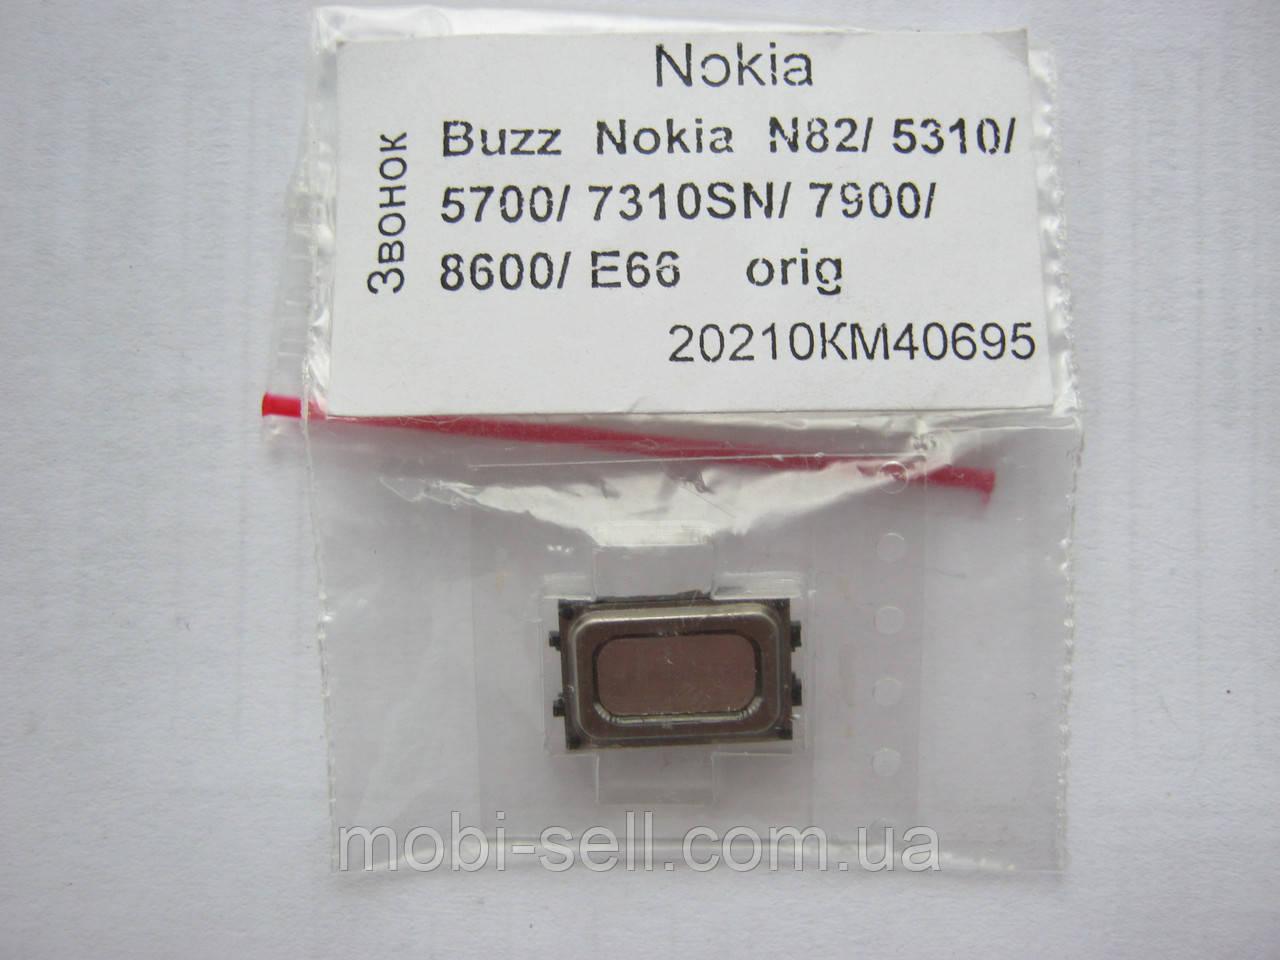 Звонок для Nokia 5220 xm, 5310, 6600i, 6600s, 7210sn, 7310sn, 7900, E66, N78, N79, N82, N85, N86